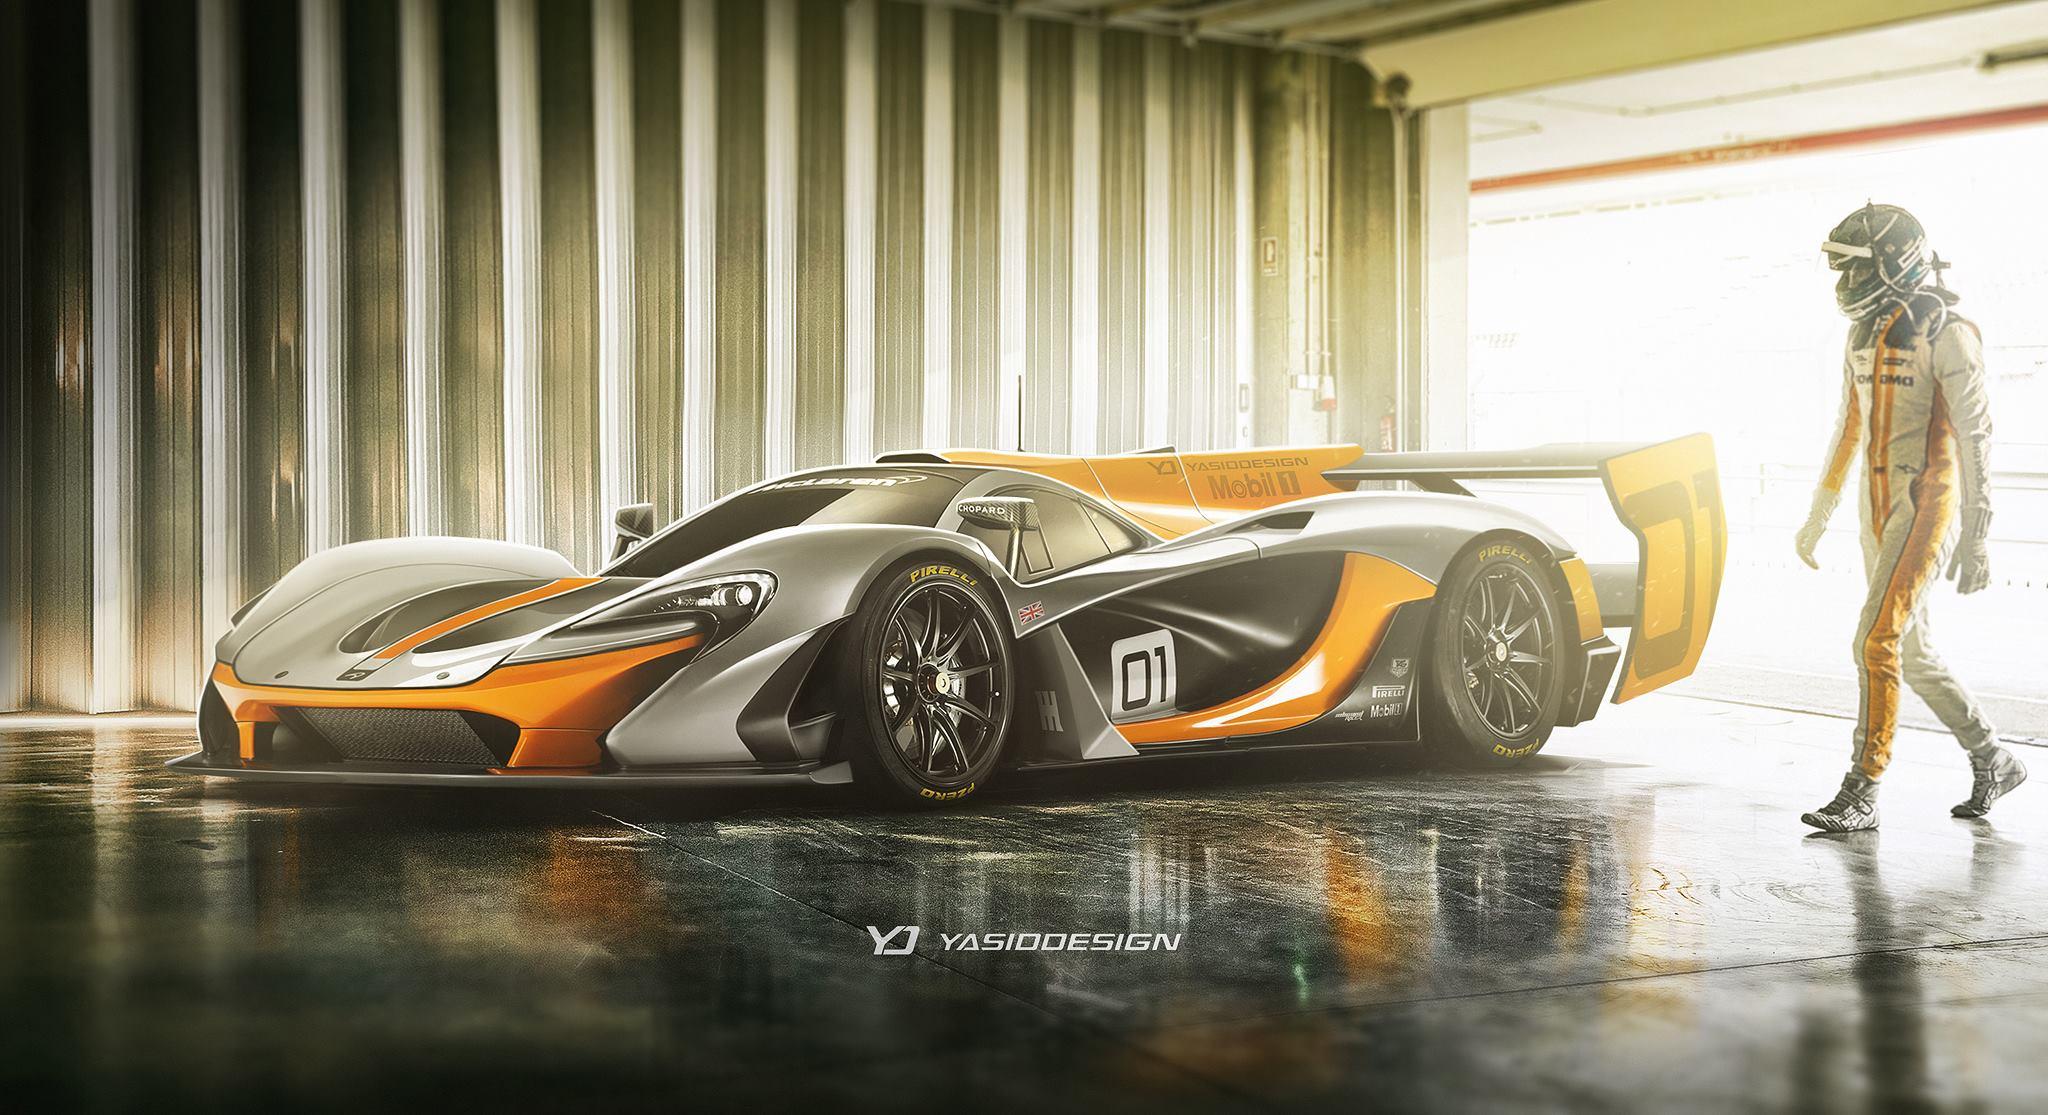 Mclaren P1 Gtr Becomes Lmp1 Le Mans Prototype Racer In